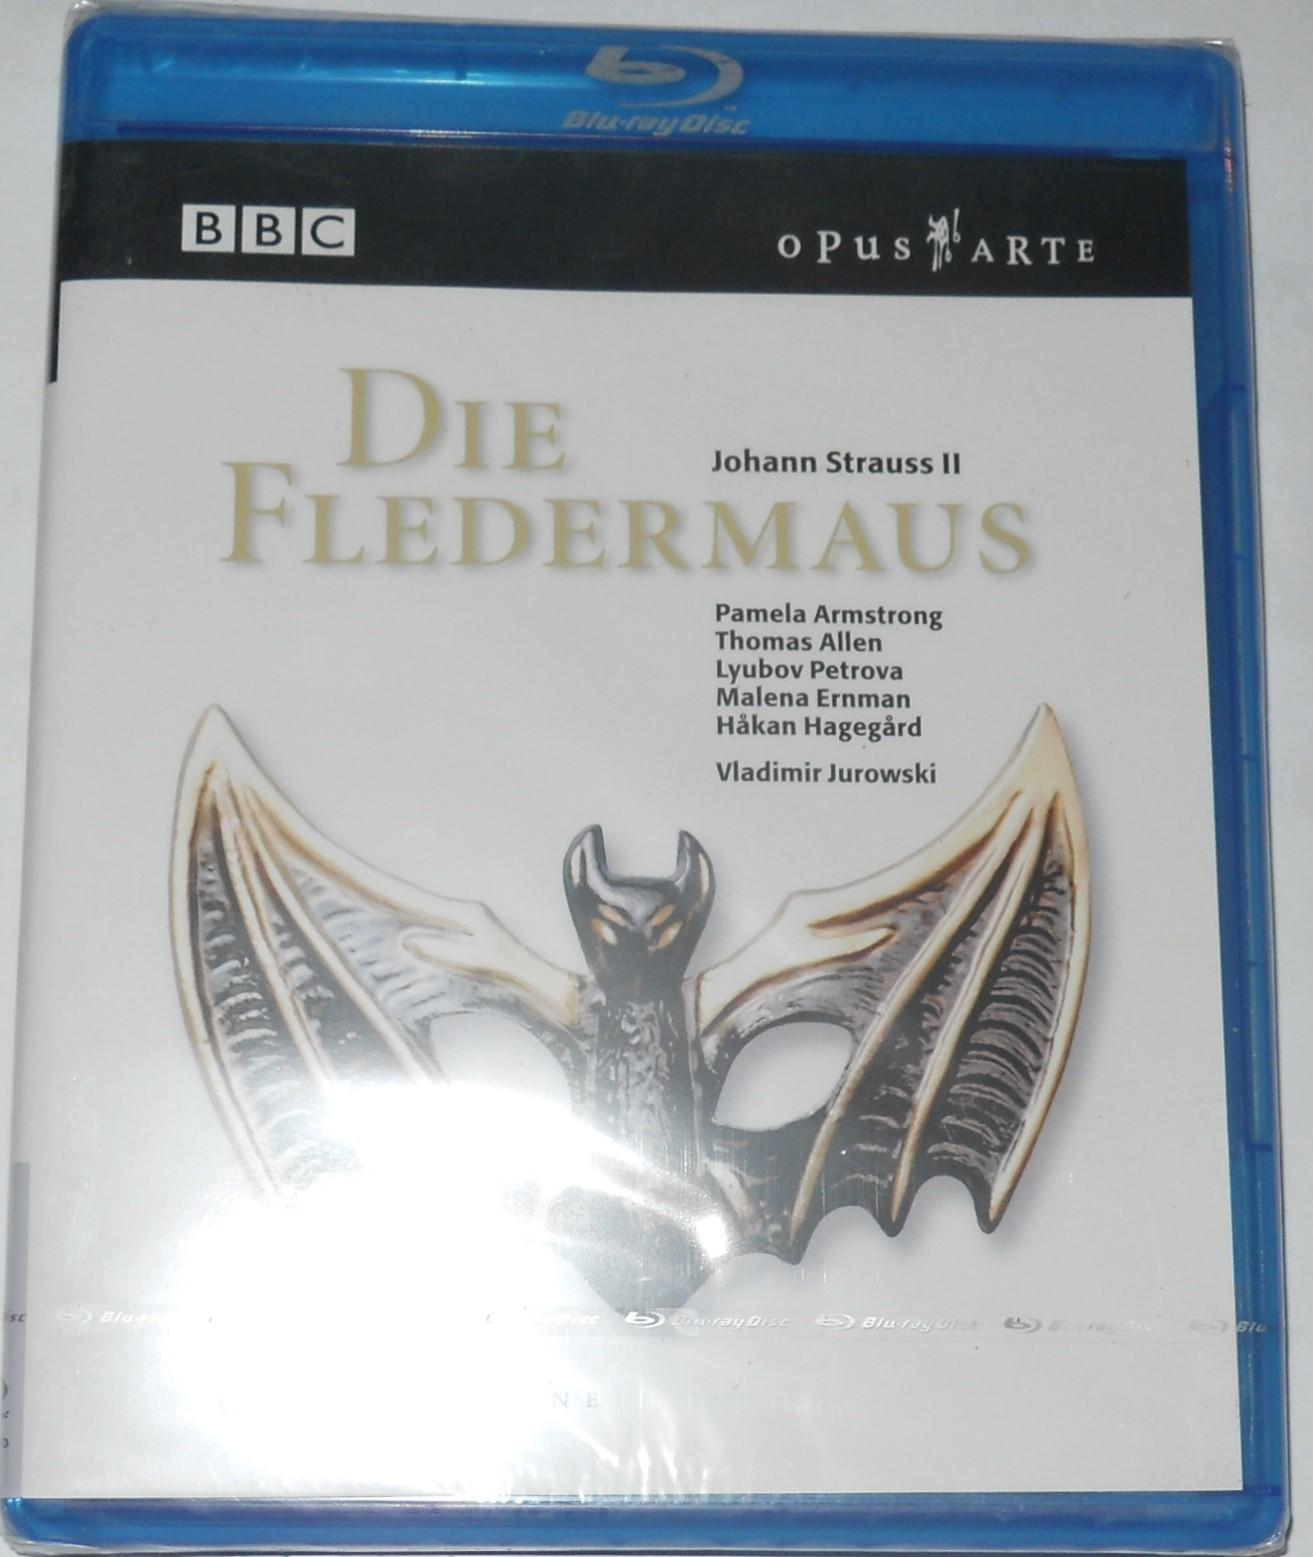 Johann Strauss II: Il Pipistrello / Die Fledermaus